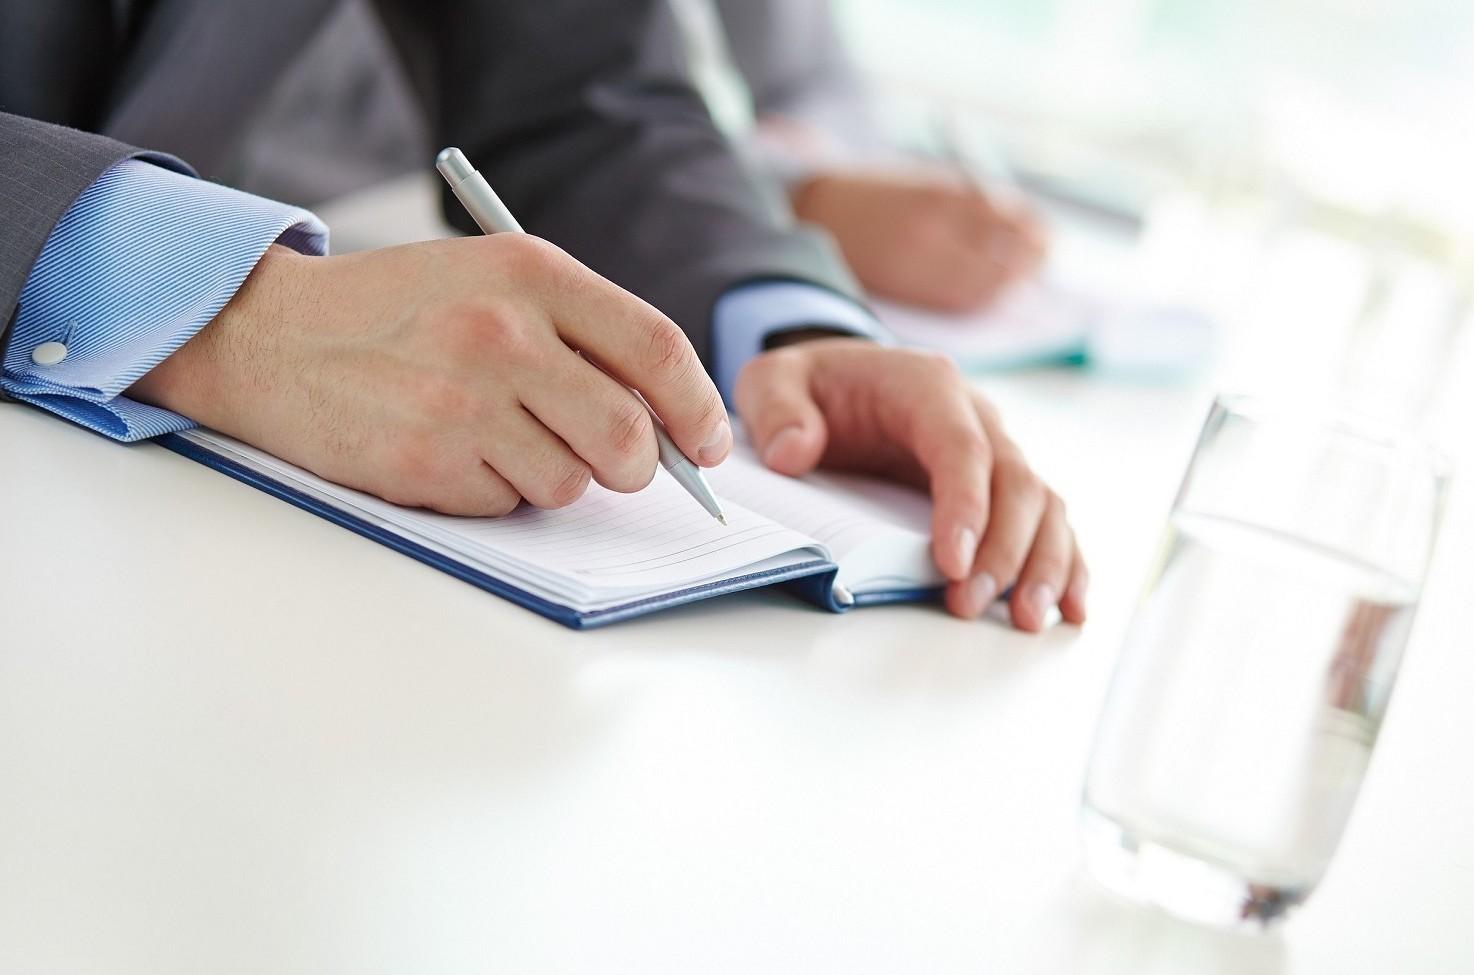 Come fare a ridurre affitto casa o posticipare pagamento. La procedura tra inquilino e proprietario